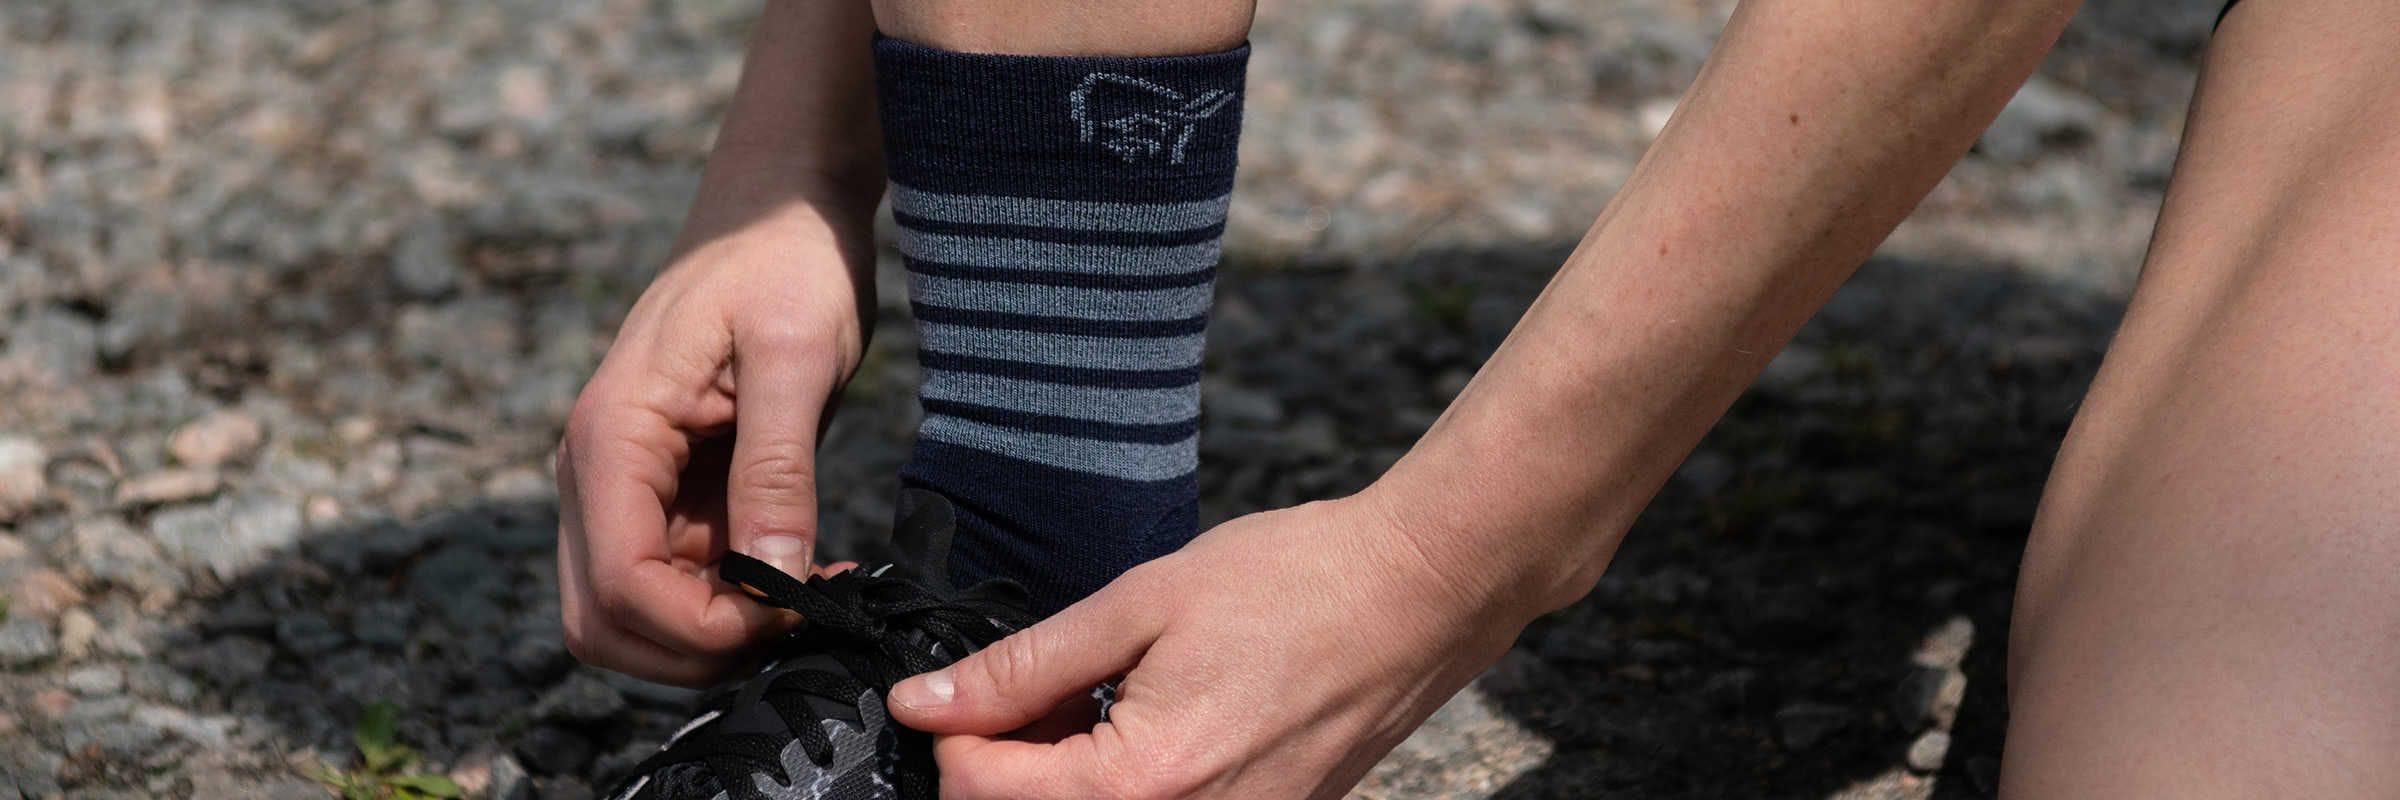 Revue des chaussettes légères en mérinos Falketind par Norrøna